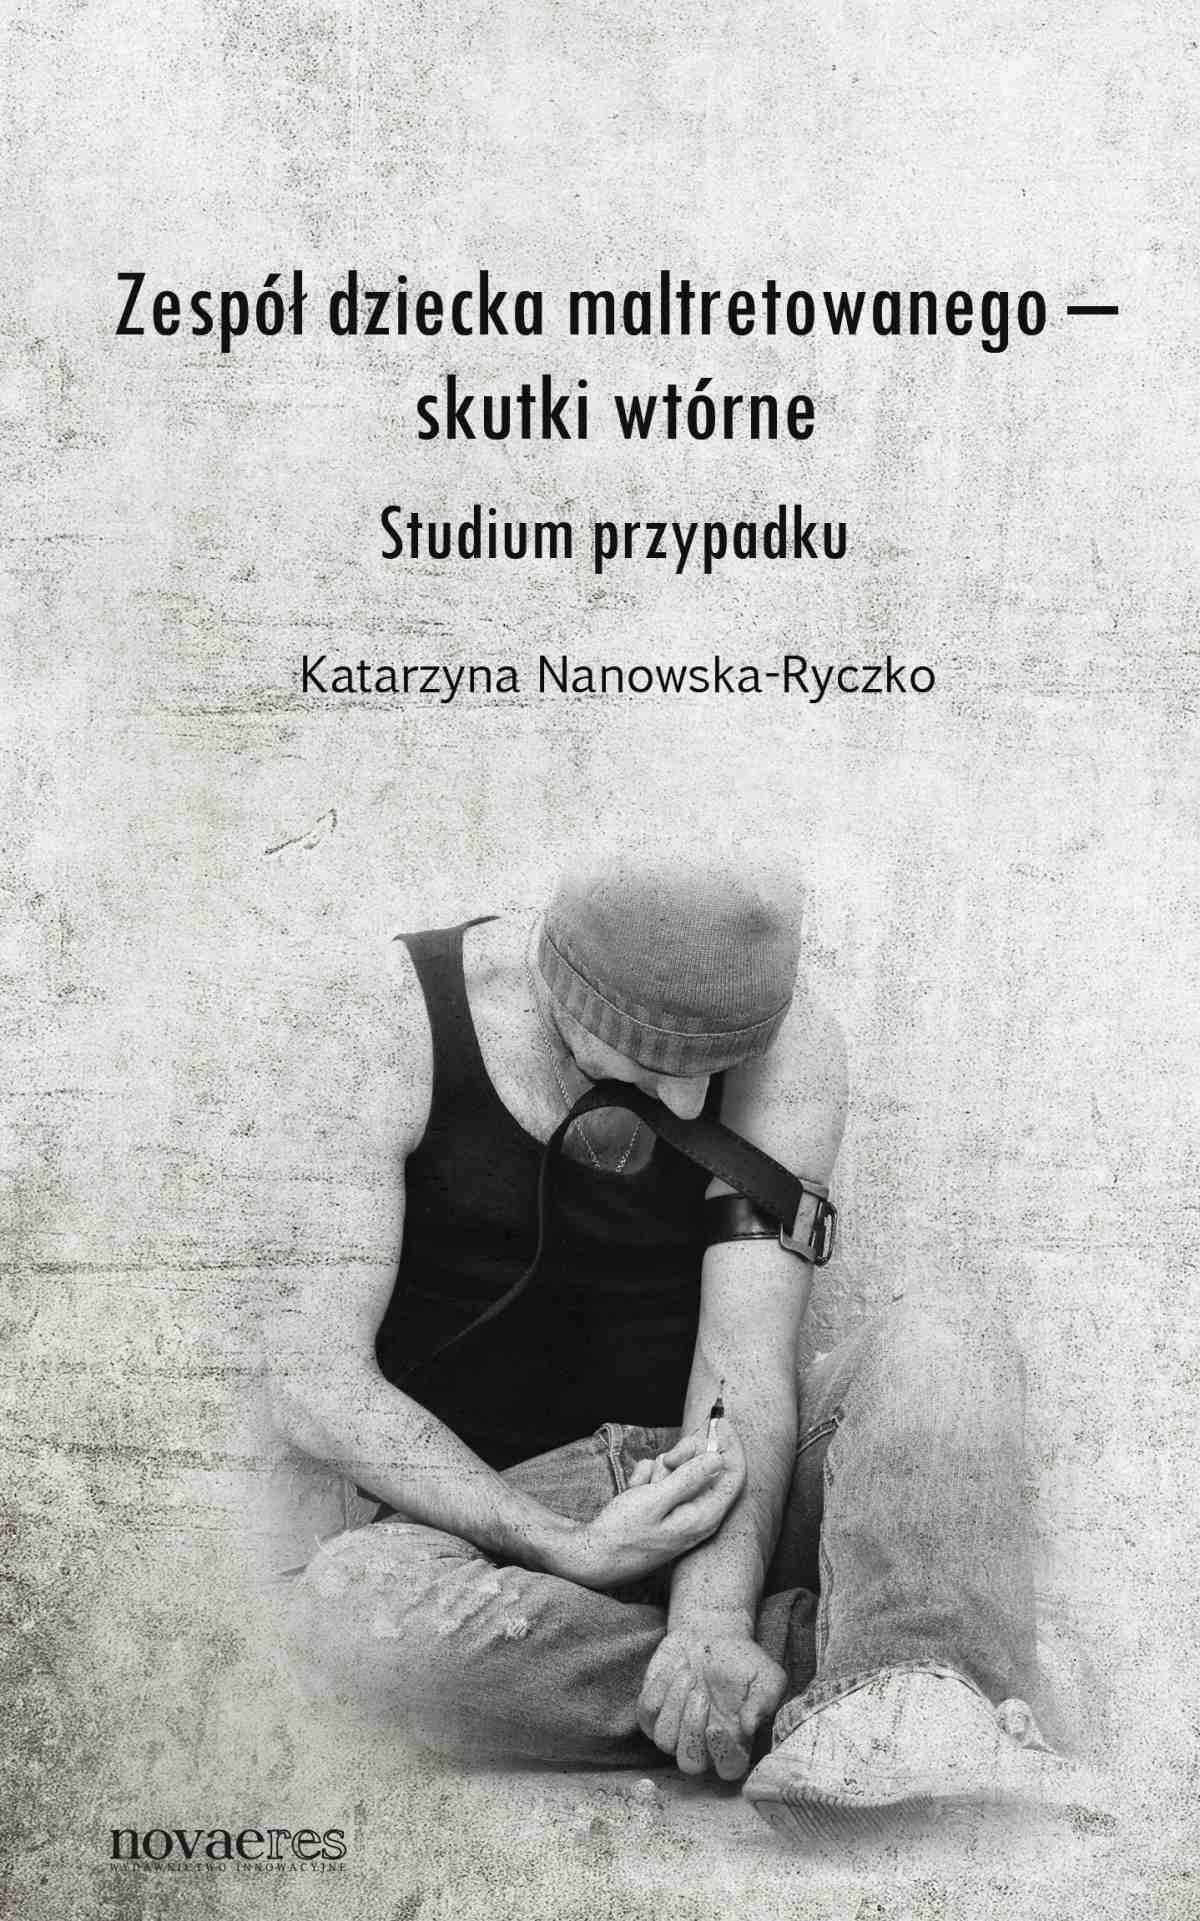 Zespół dziecka maltretowanego – skutki wtórne. Studium przypadku - Ebook (Książka na Kindle) do pobrania w formacie MOBI